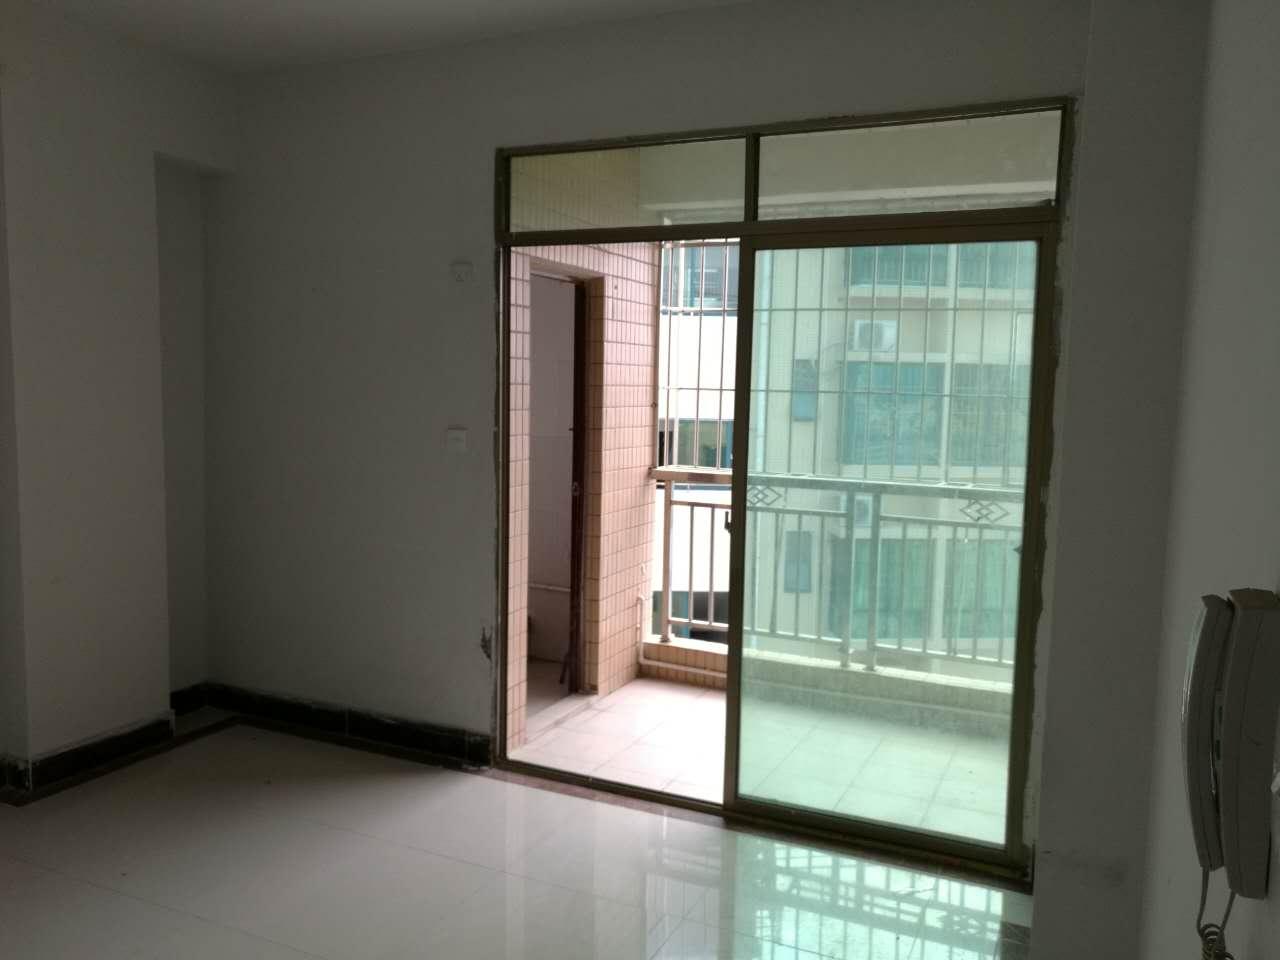 深圳公明小产权房19万起,公明马山头村带装修近地铁 三房二厅 第3张